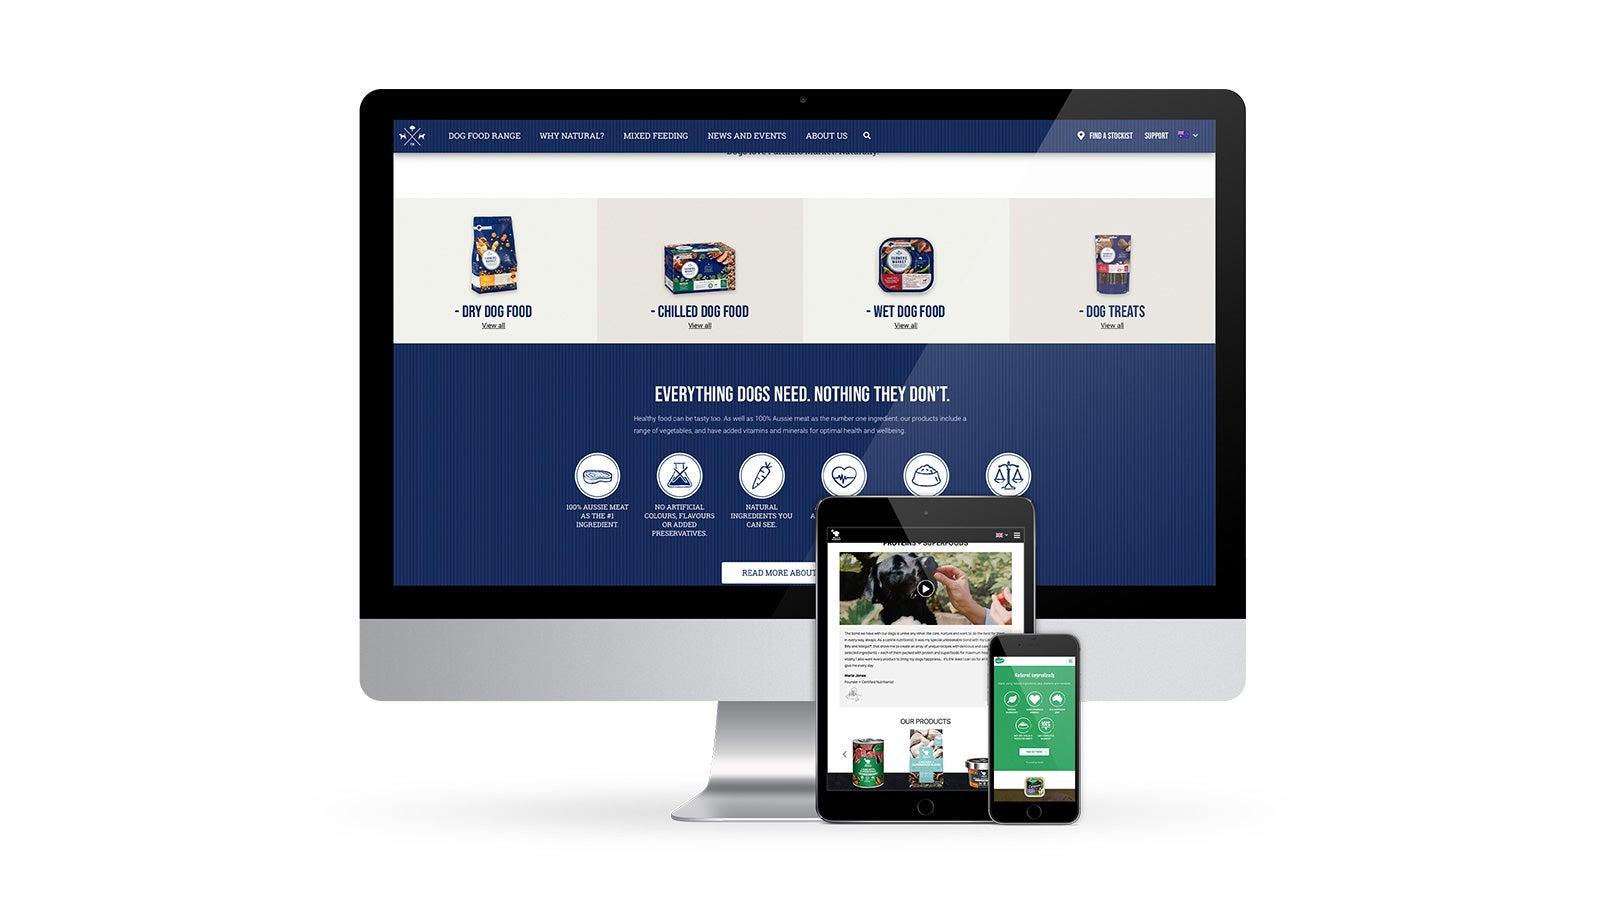 Real Pet Food Company   Famers market website on desktop, Billy + Margot website on tablet, Nature's Gift website on mobile   Devotion